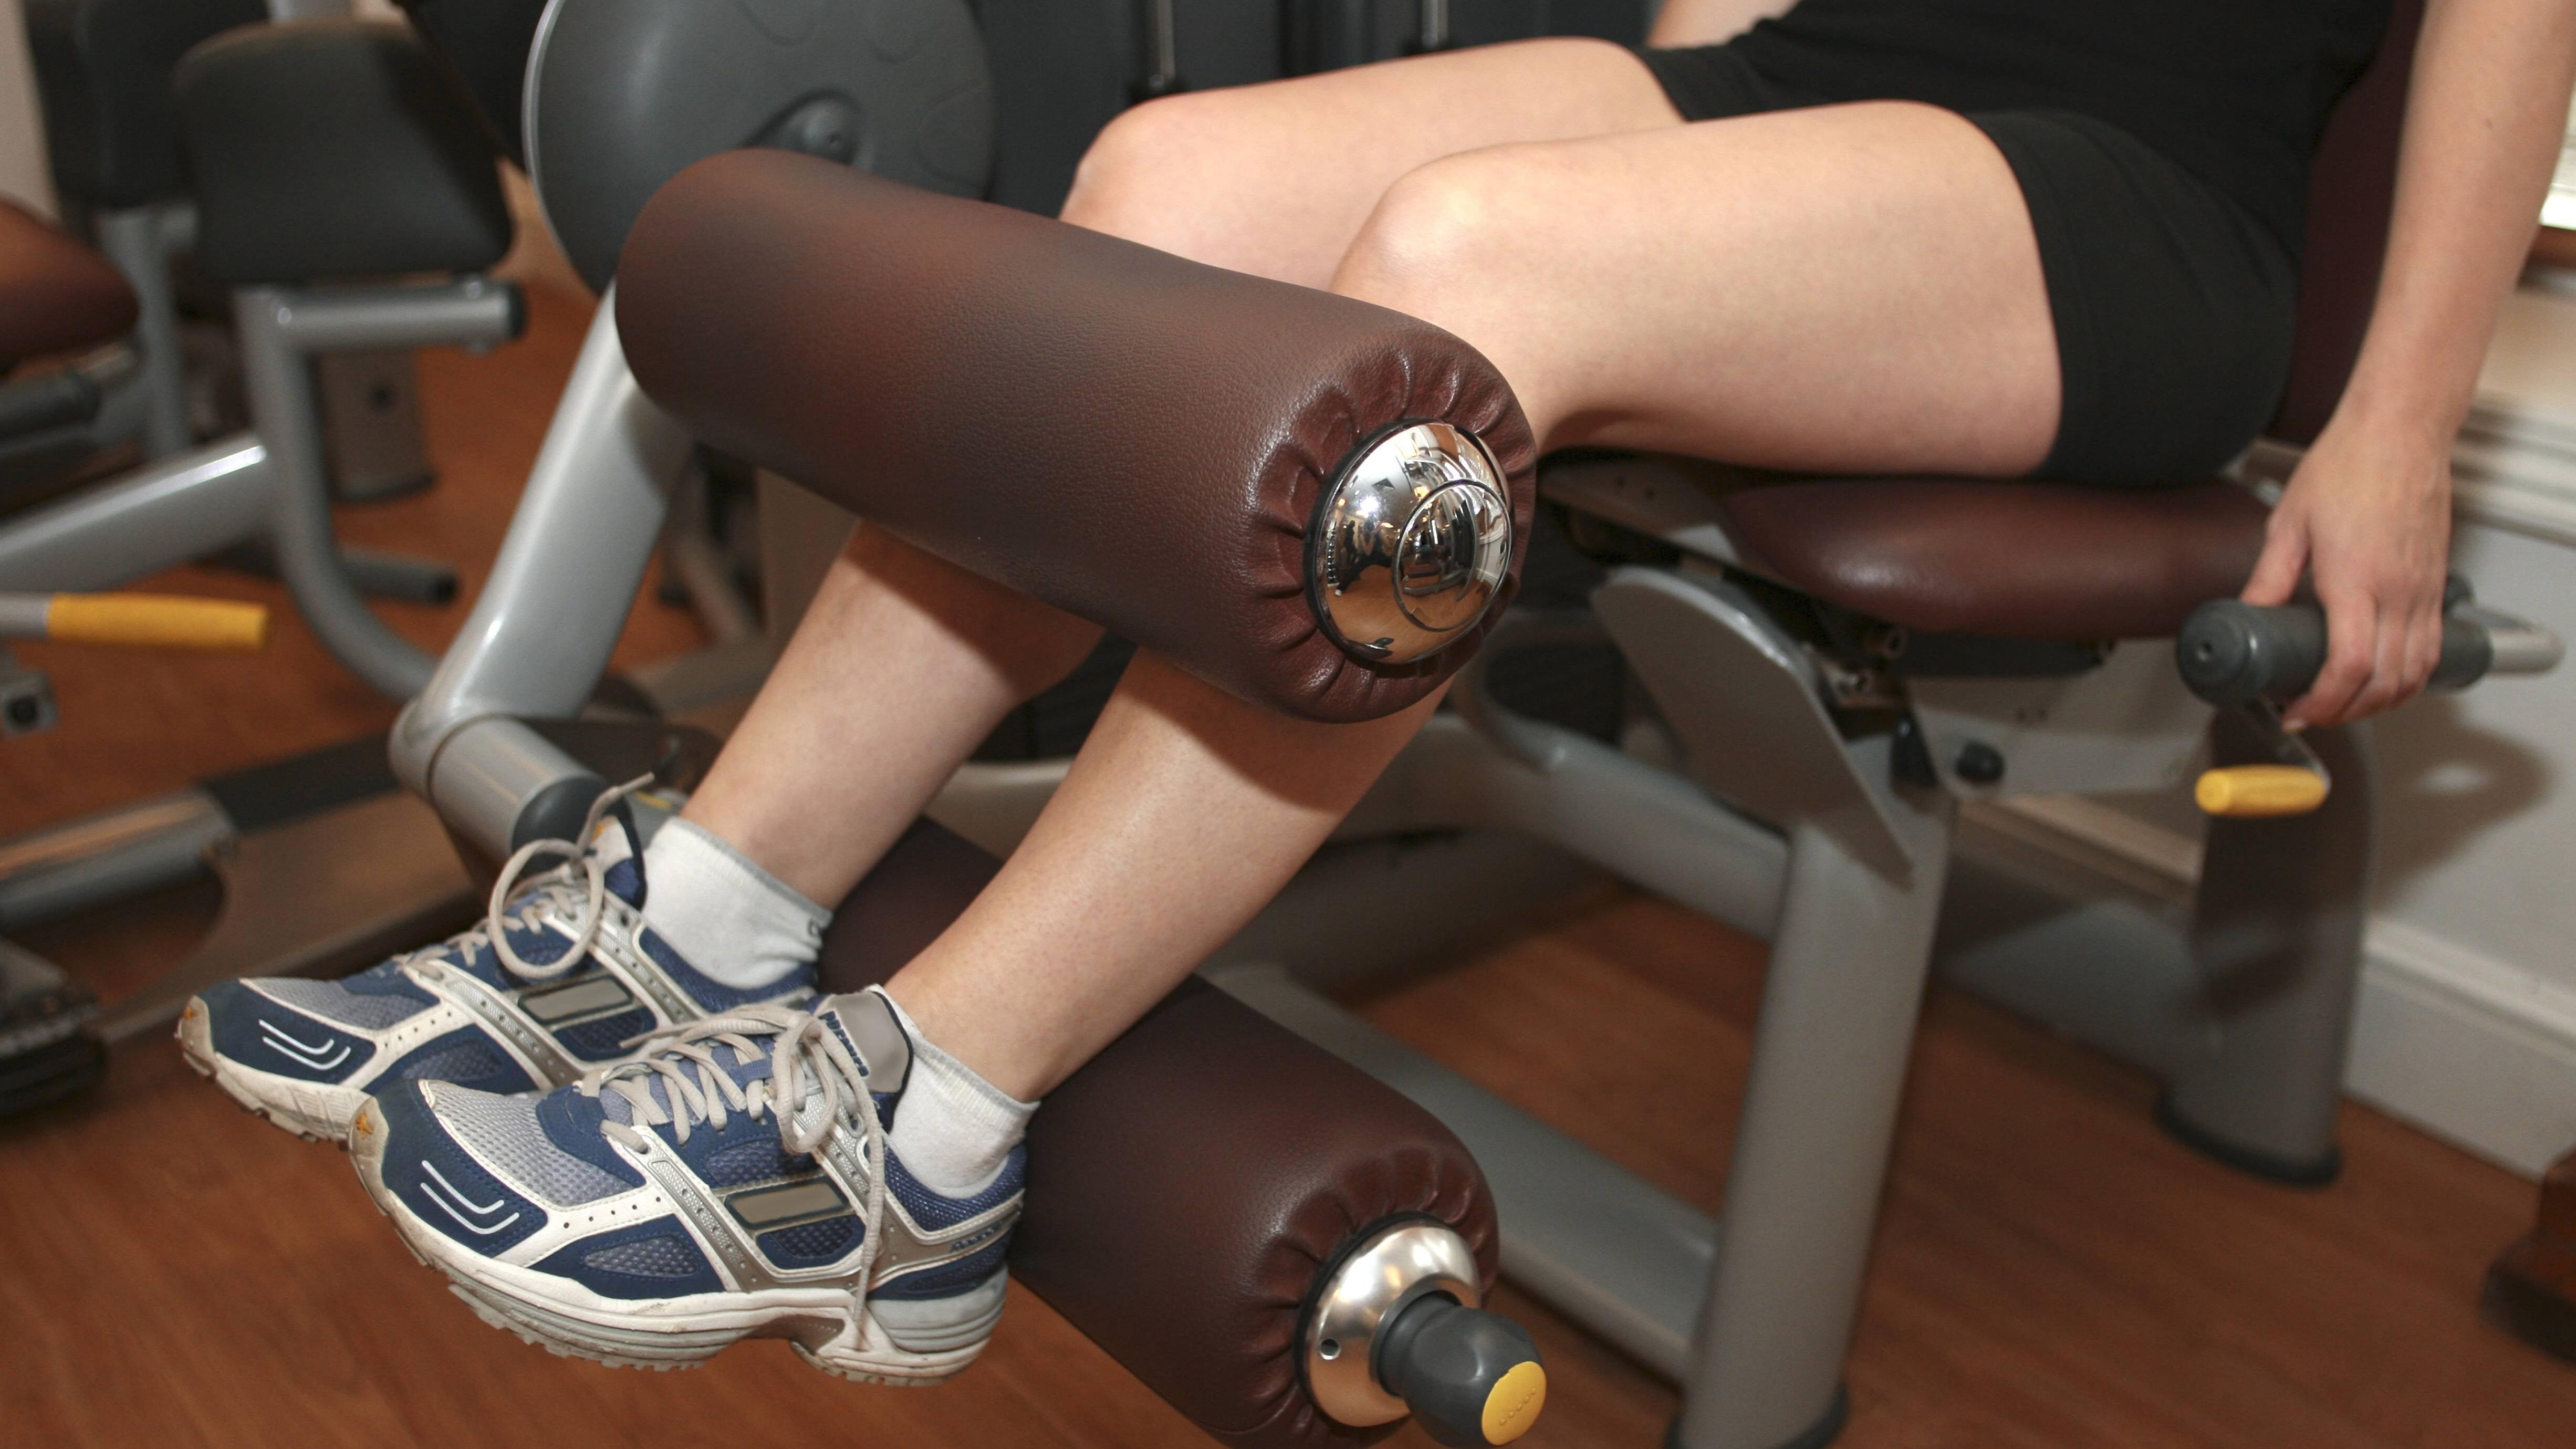 Beintraining für Frauen: Tipps und geeignete Übungen